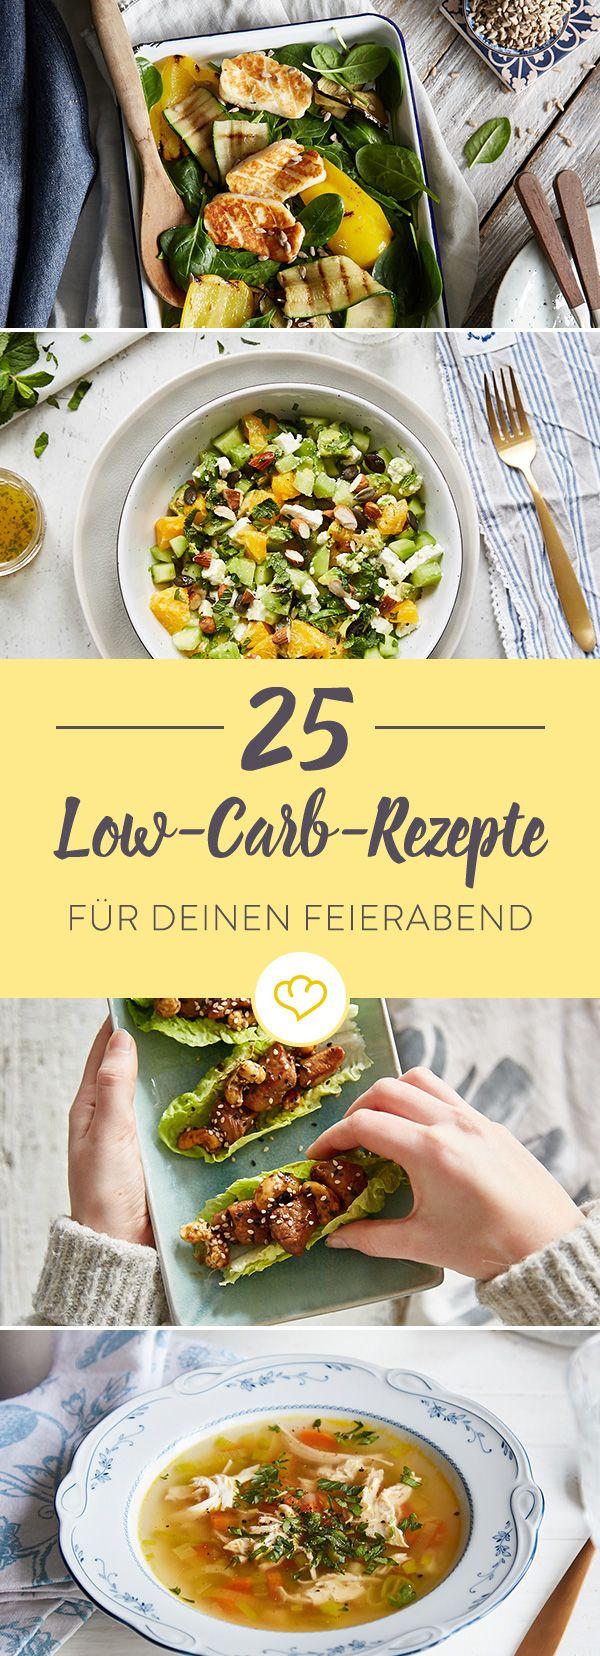 Schnell, schneller, Low Carb: Diese 25 leichten Rezepte von Salat über Fleisch, Fisch und vegetarische Köstlichkeiten sind zum Feierabend extra fix gemacht.